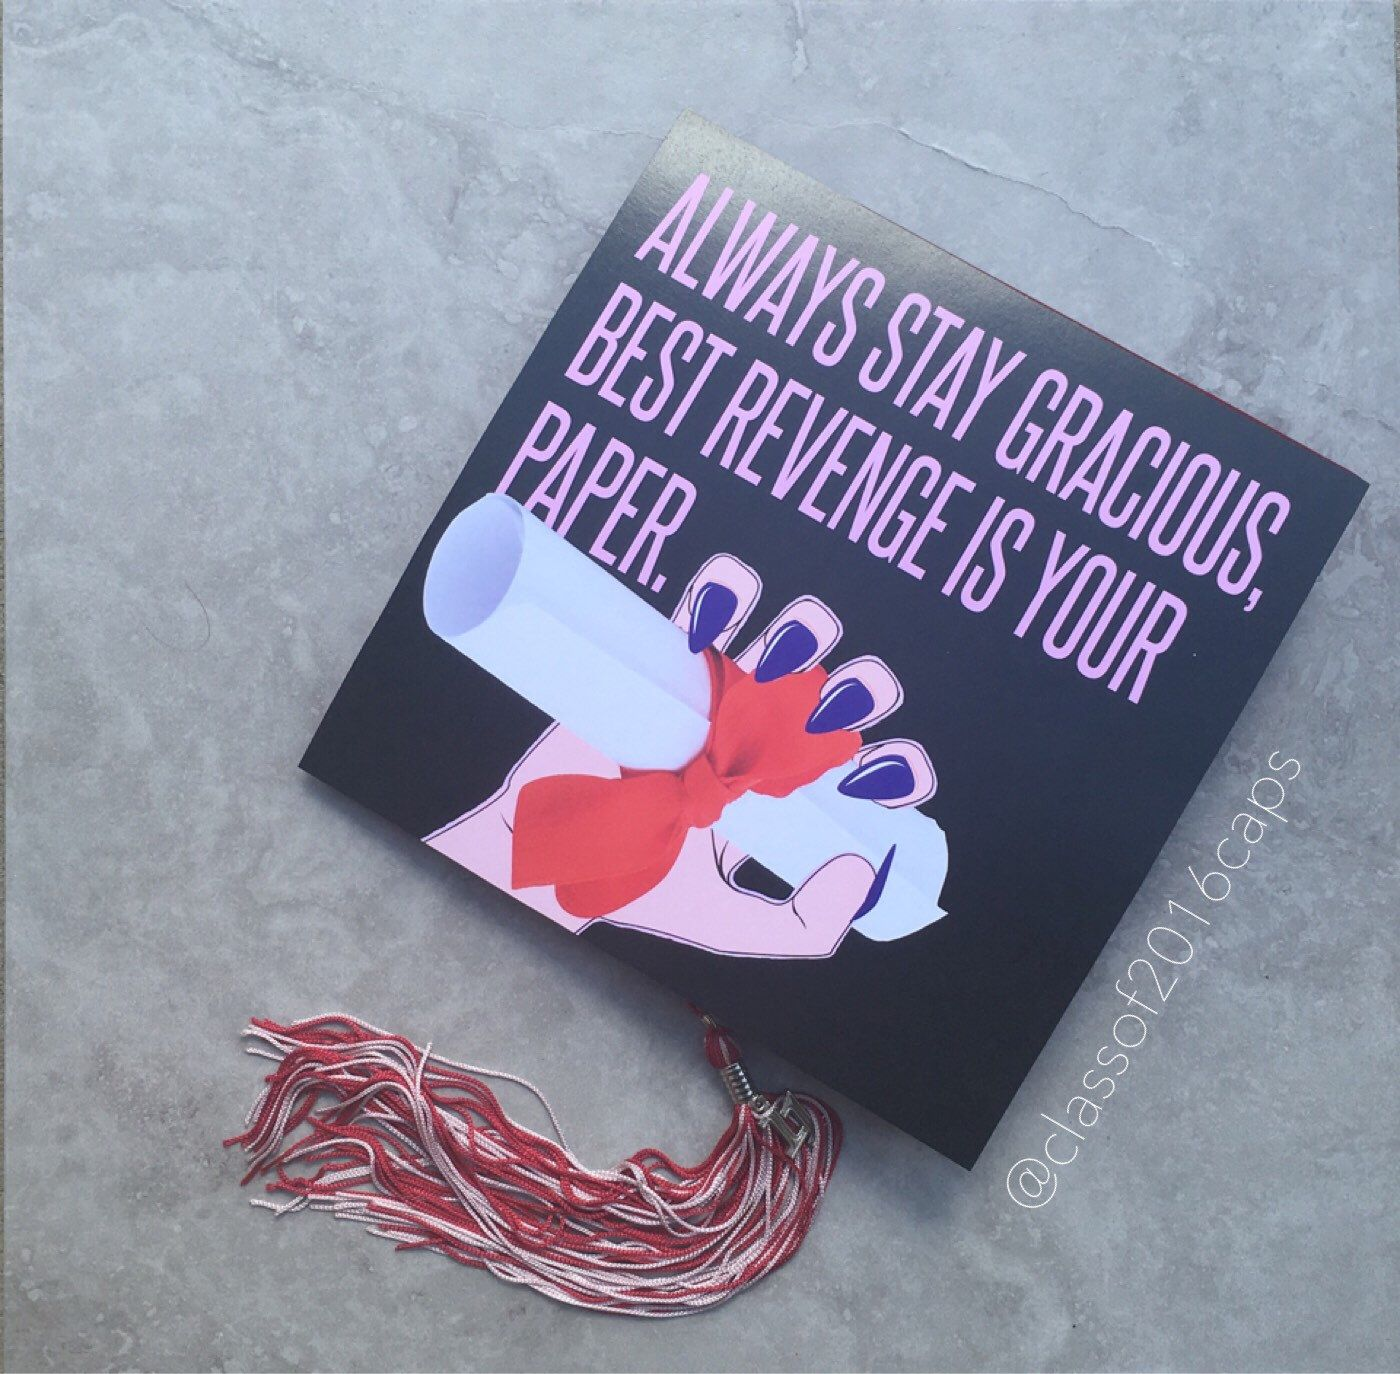 Medium Crop Of Graduation Cap Quotes